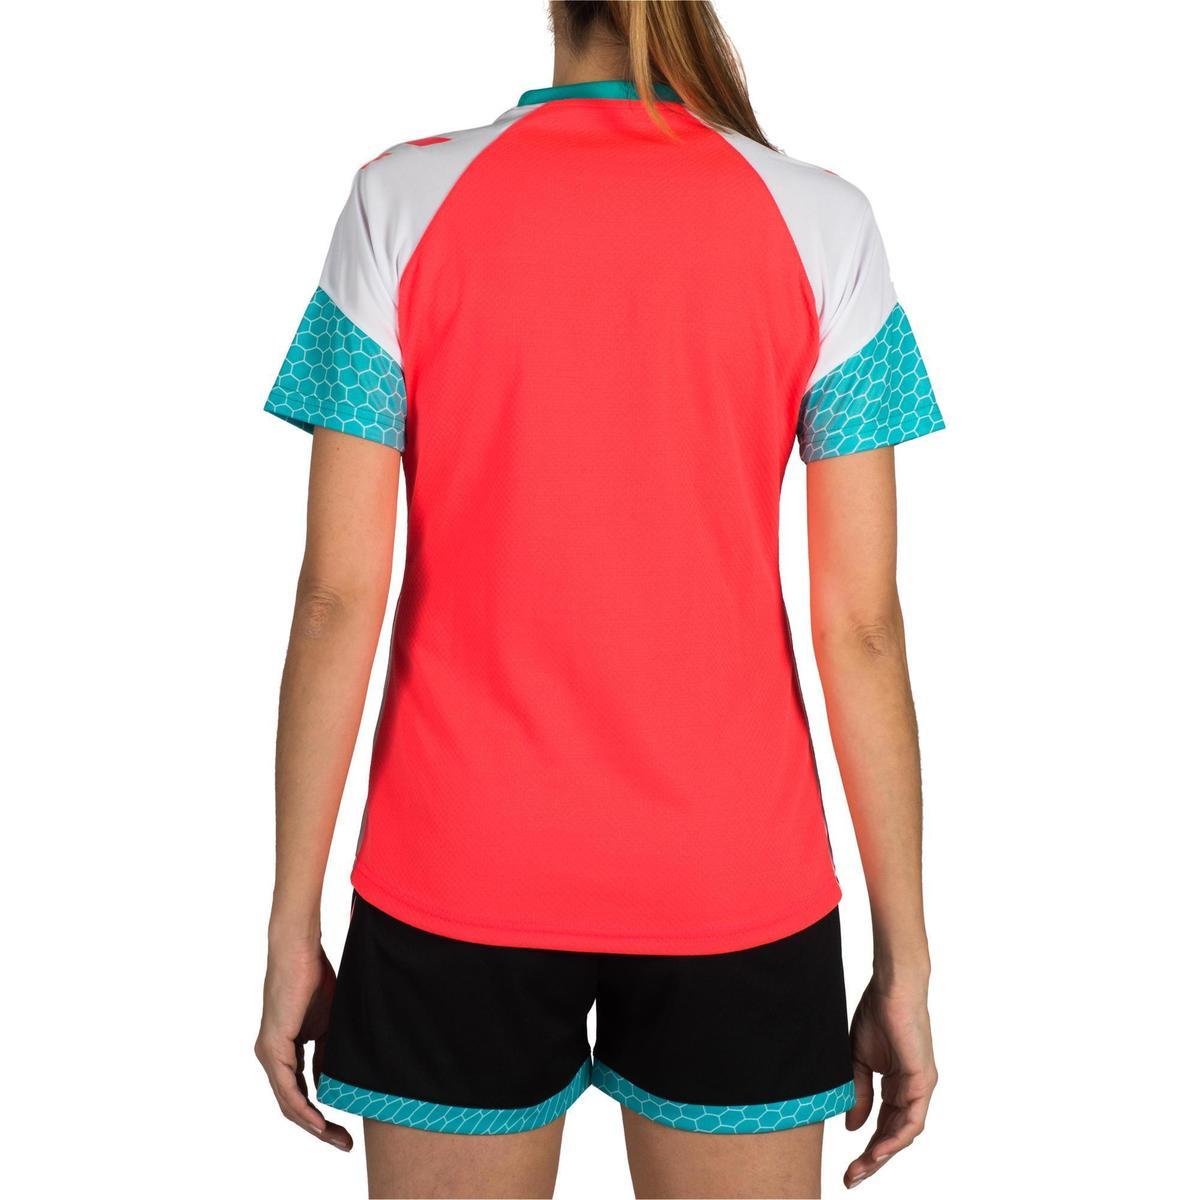 Bild 4 von Handballtrikot Damen rosa/weiß/blau/türkis